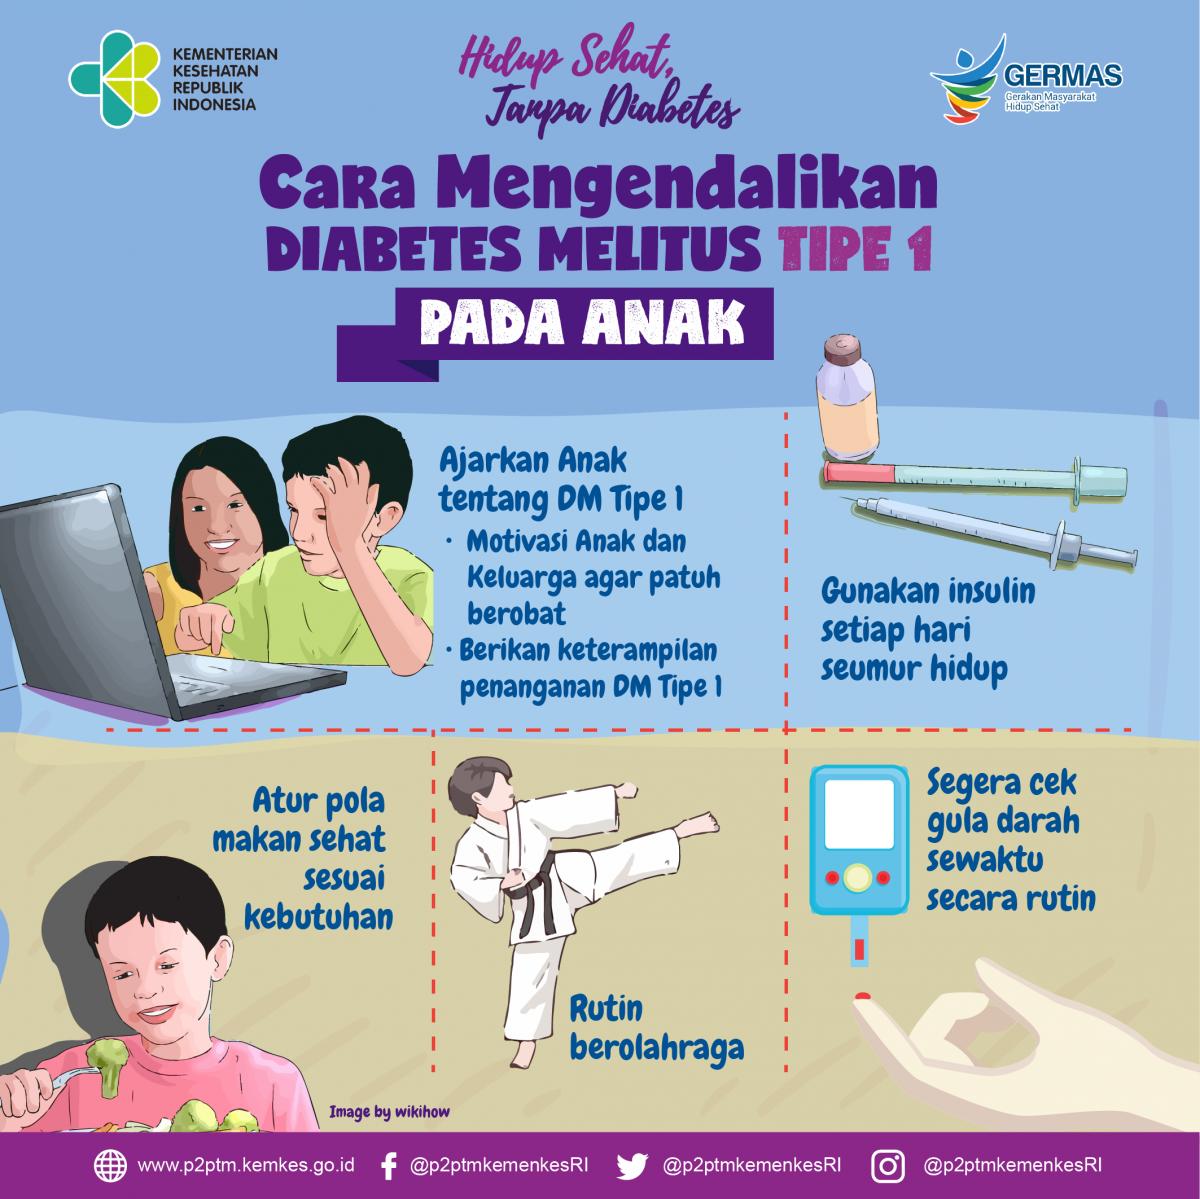 penyakit diabetes melitus pada anak